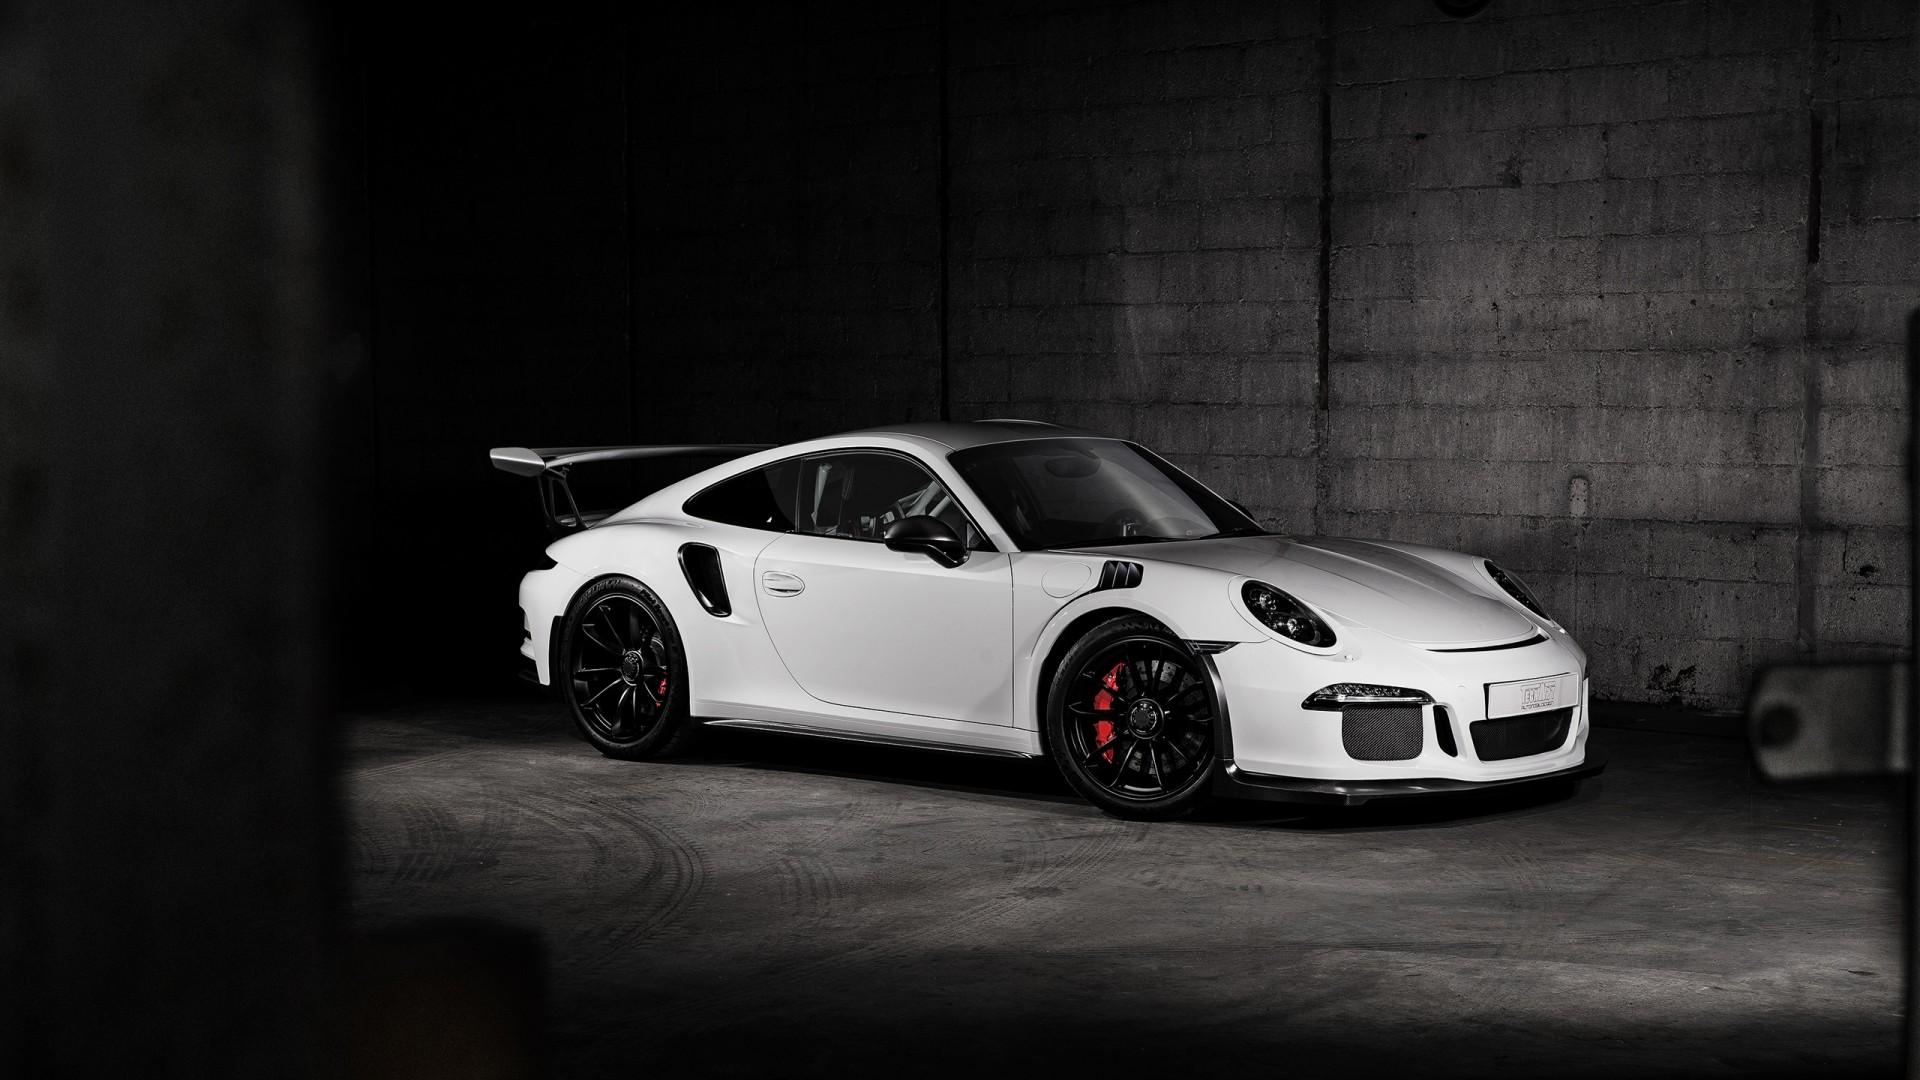 Porsche Macan Wallpaper Iphone 2016 Porsche 911 Gt3 Rs Carbon Techart Wallpaper Hd Car